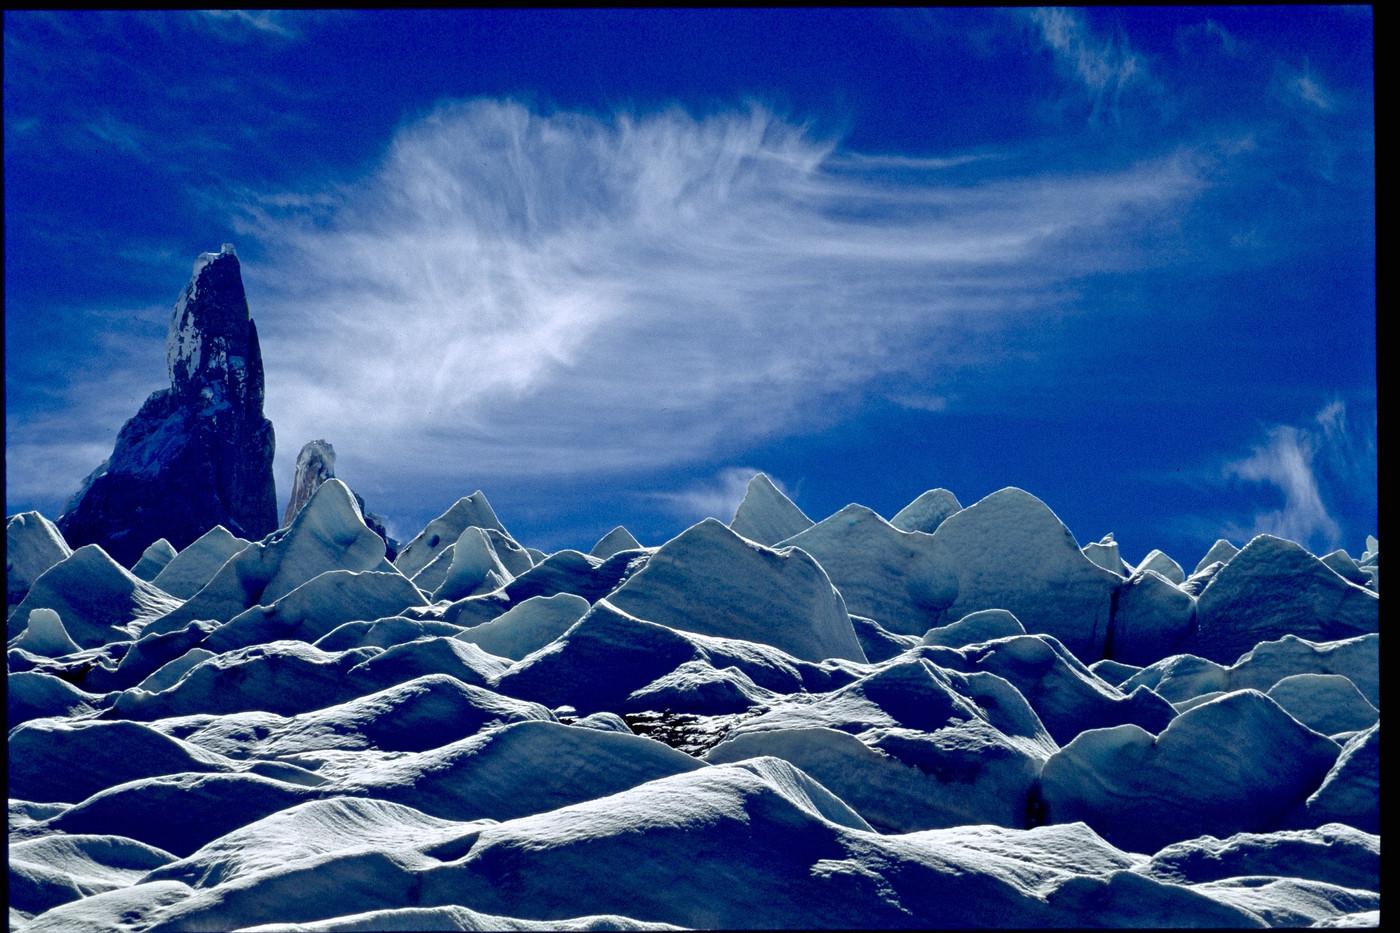 Teeth - Patagonia